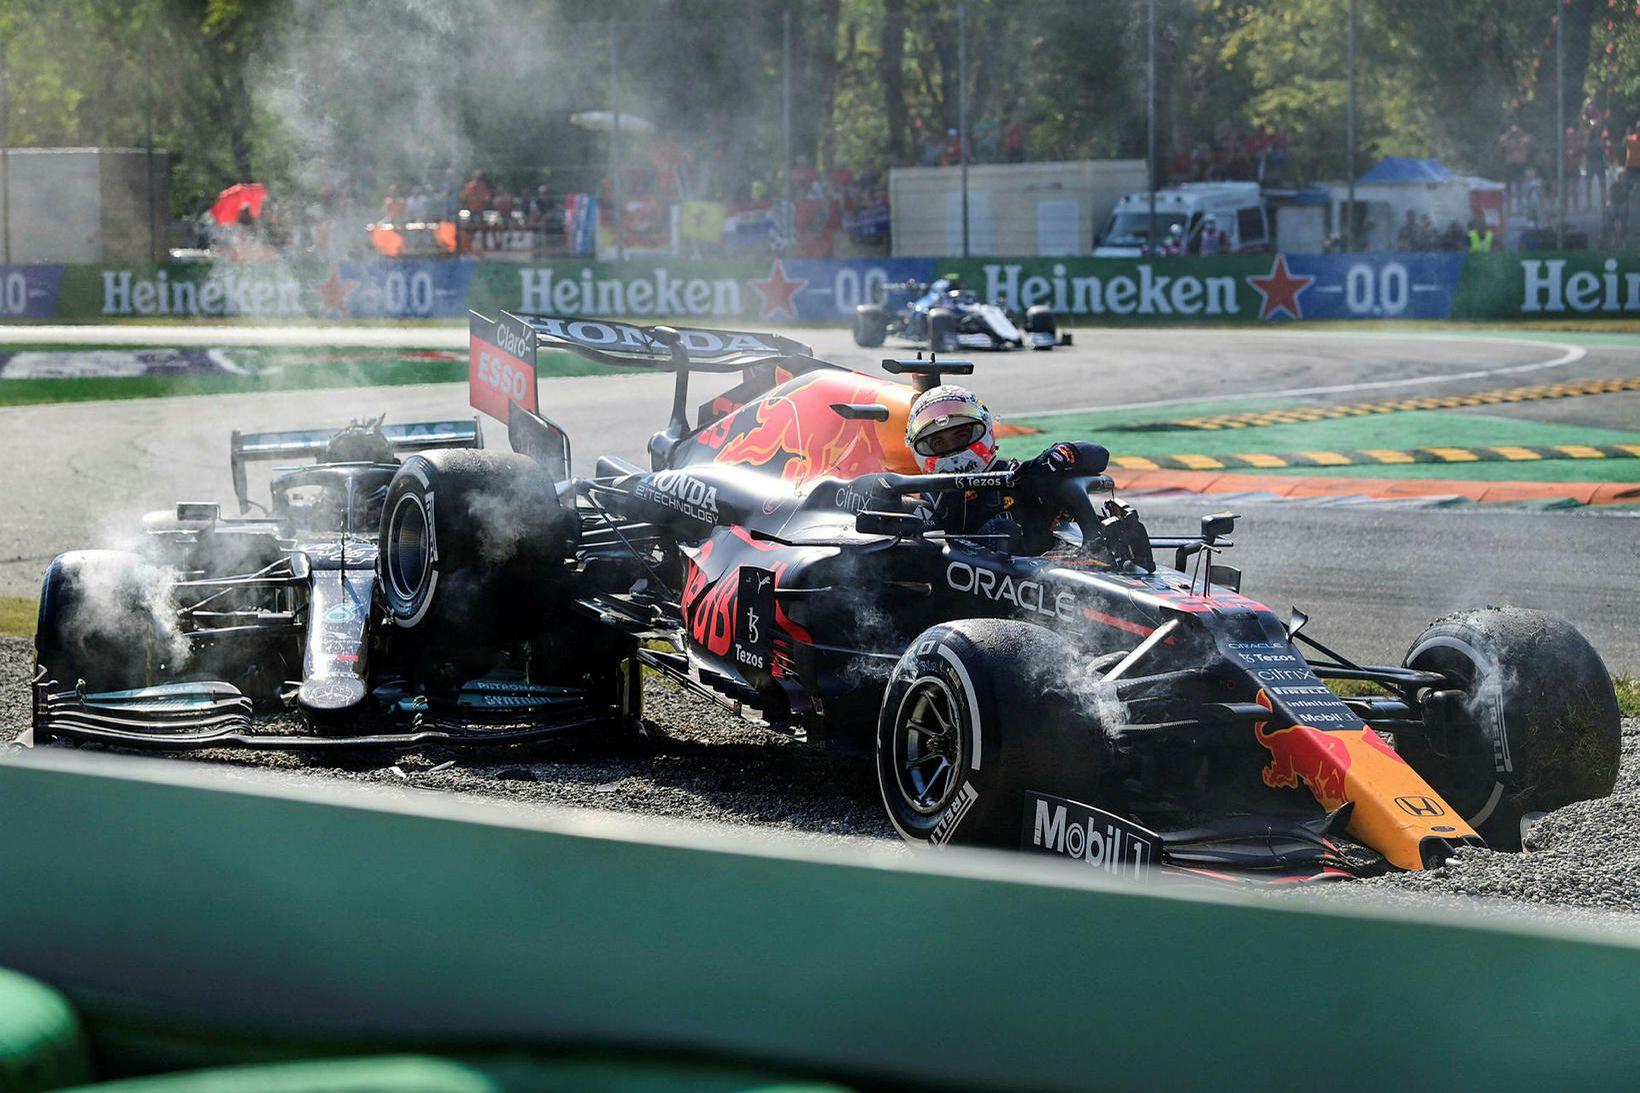 Max Verstappen og Lewis Hamilton lentu í árekstri.